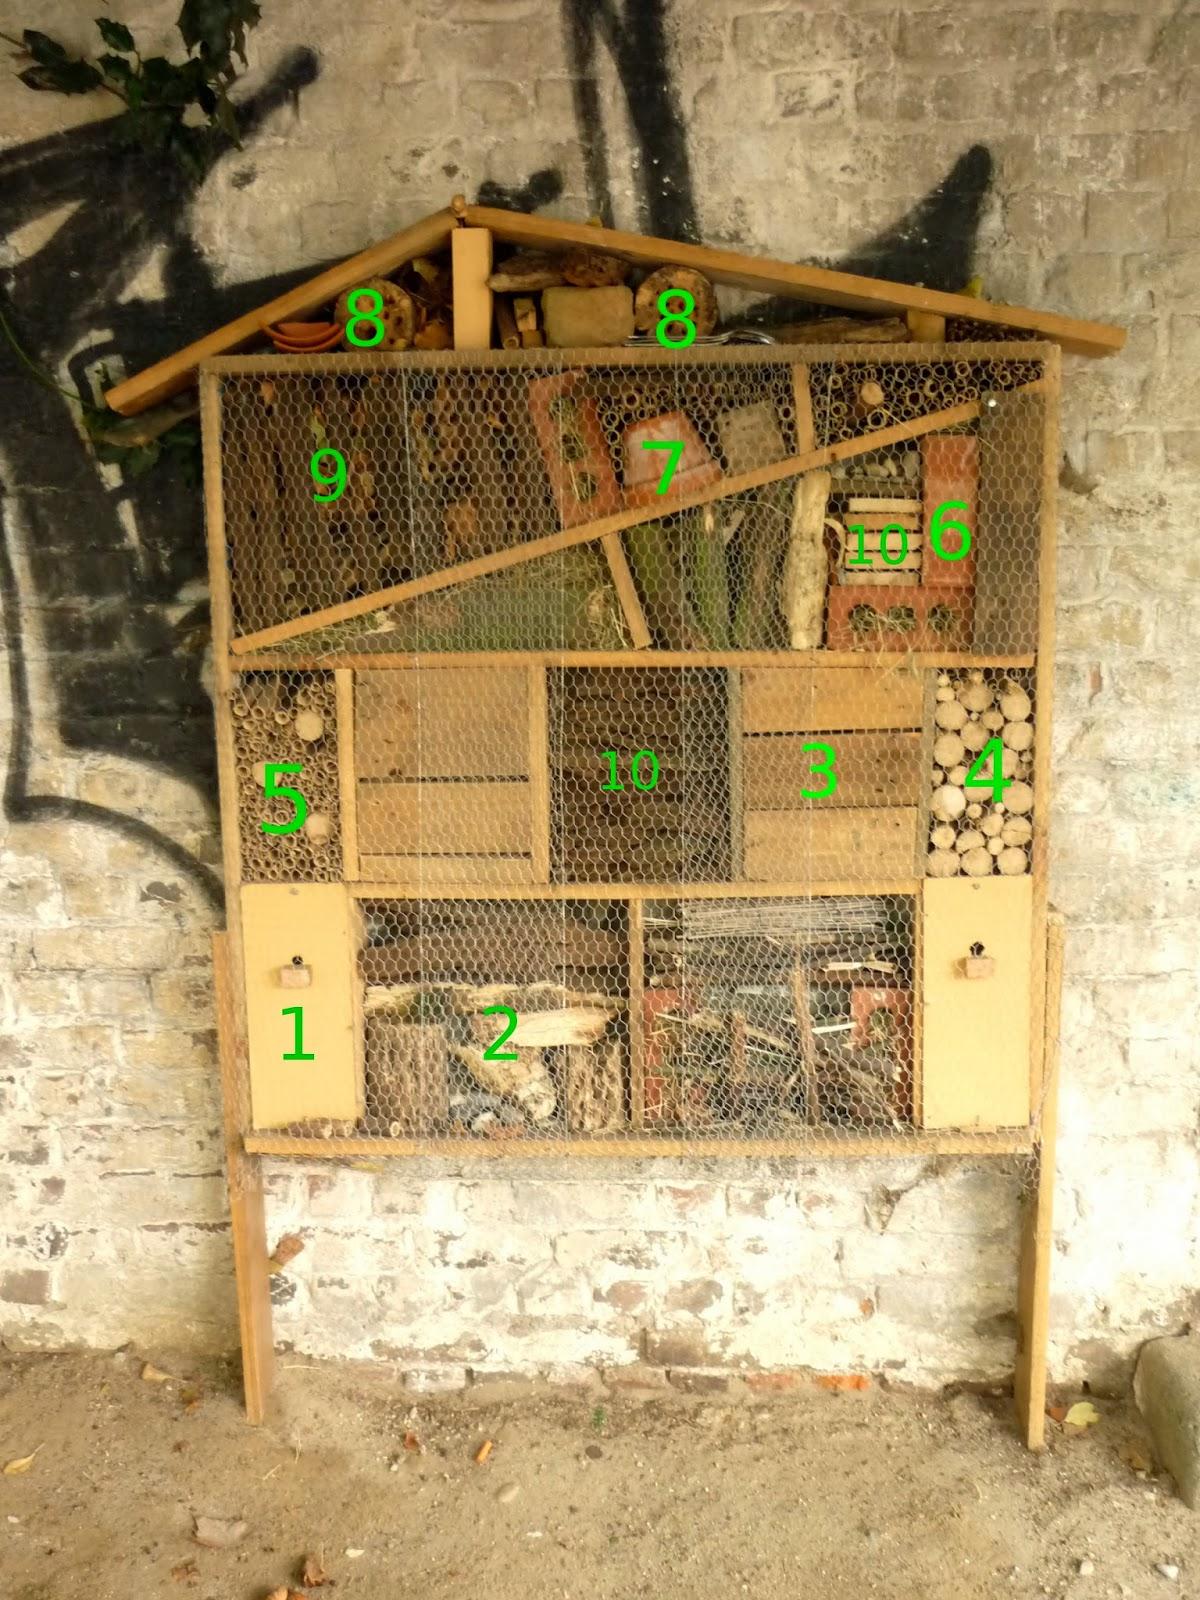 Aromatisez vous la maison insectes 100 r cup 39 - Limace dans la maison ...